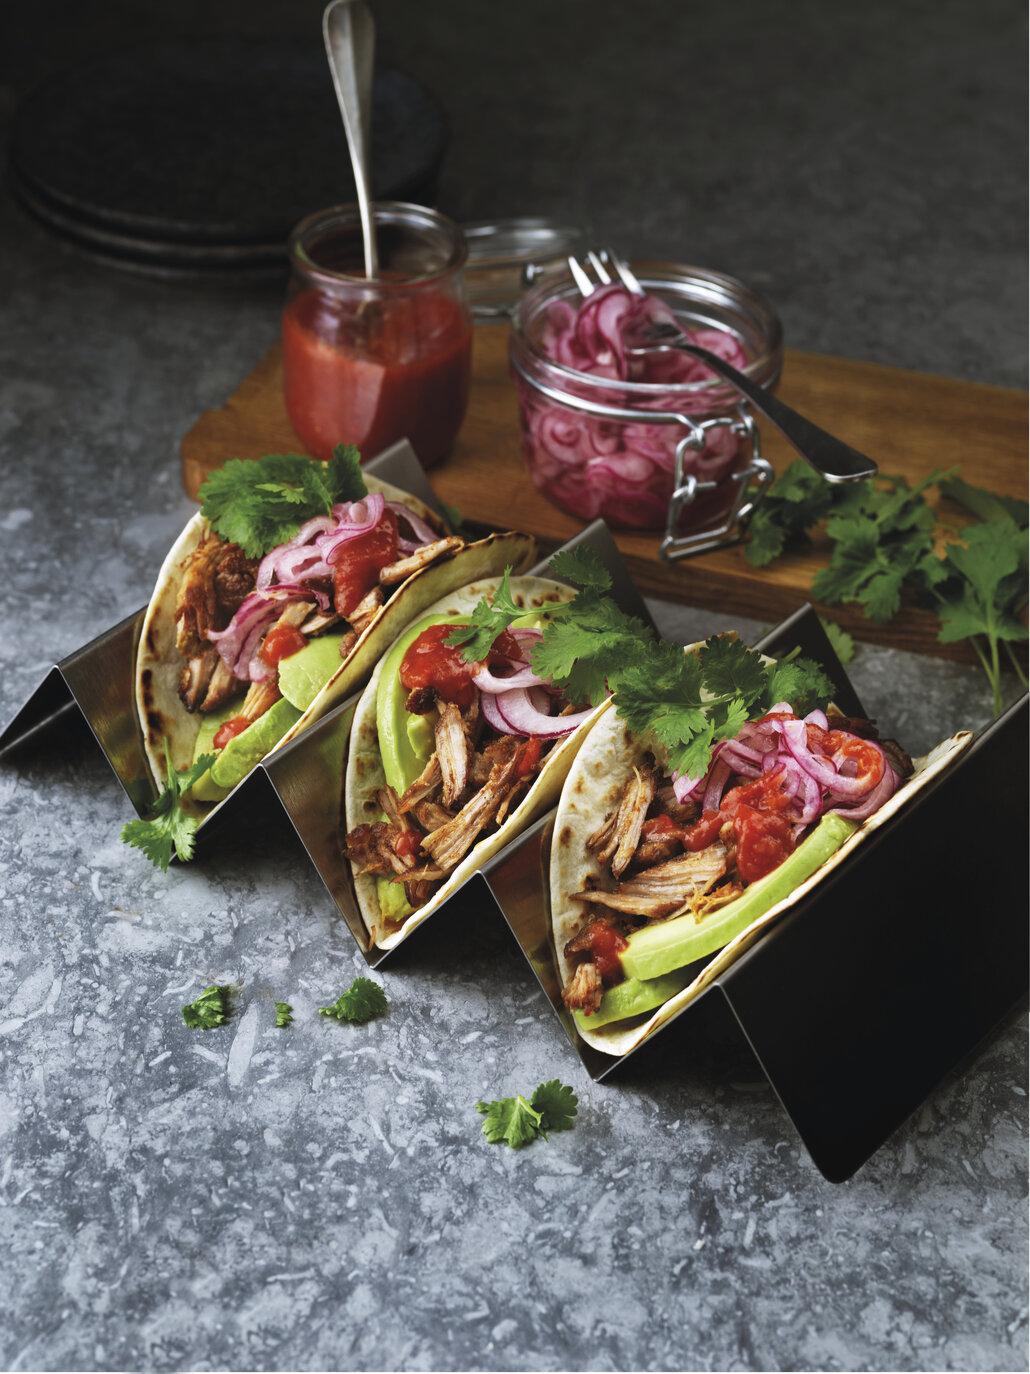 Báječné jsou tacos například s trhaným vepřovým masem.